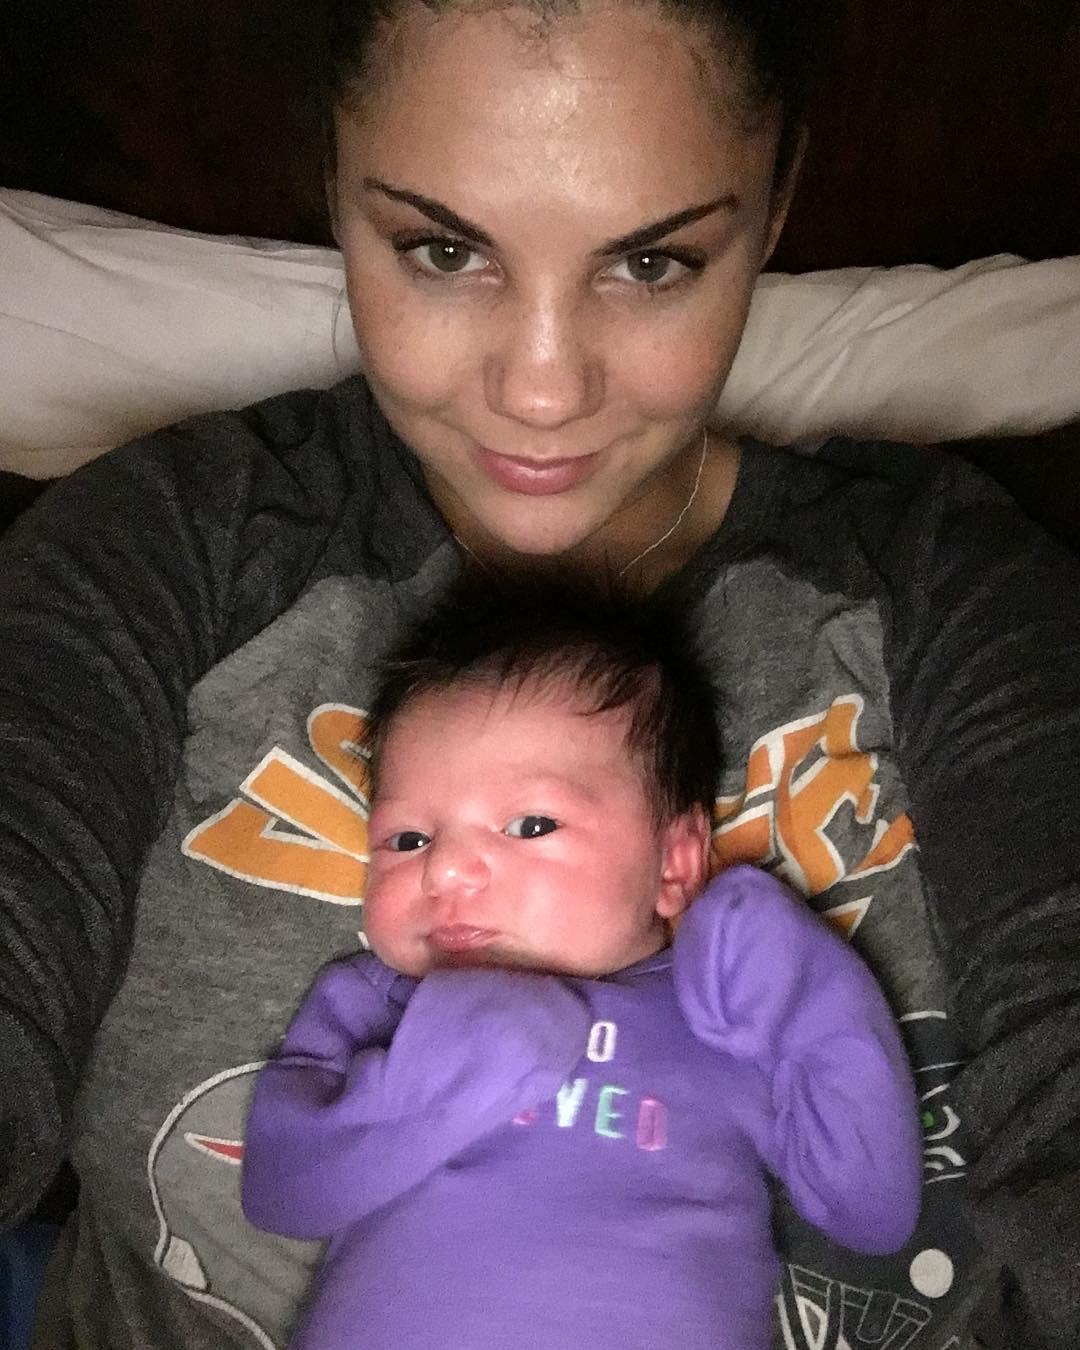 photo) bonnie rotten avec sa fille de 3 mois sur le forum blabla 18